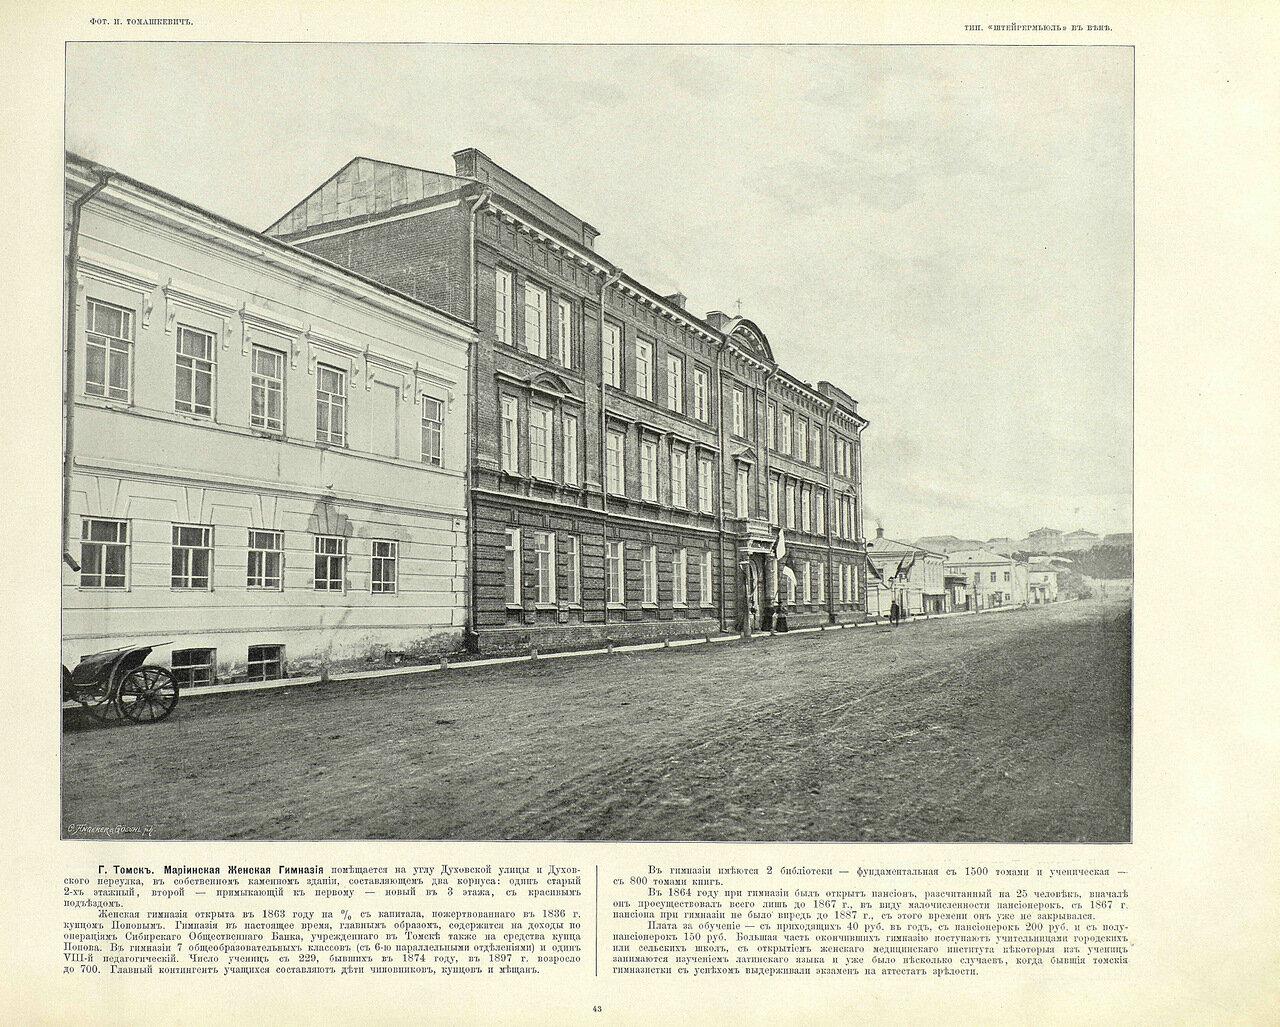 43. Томск. Мариинская женская гимназия